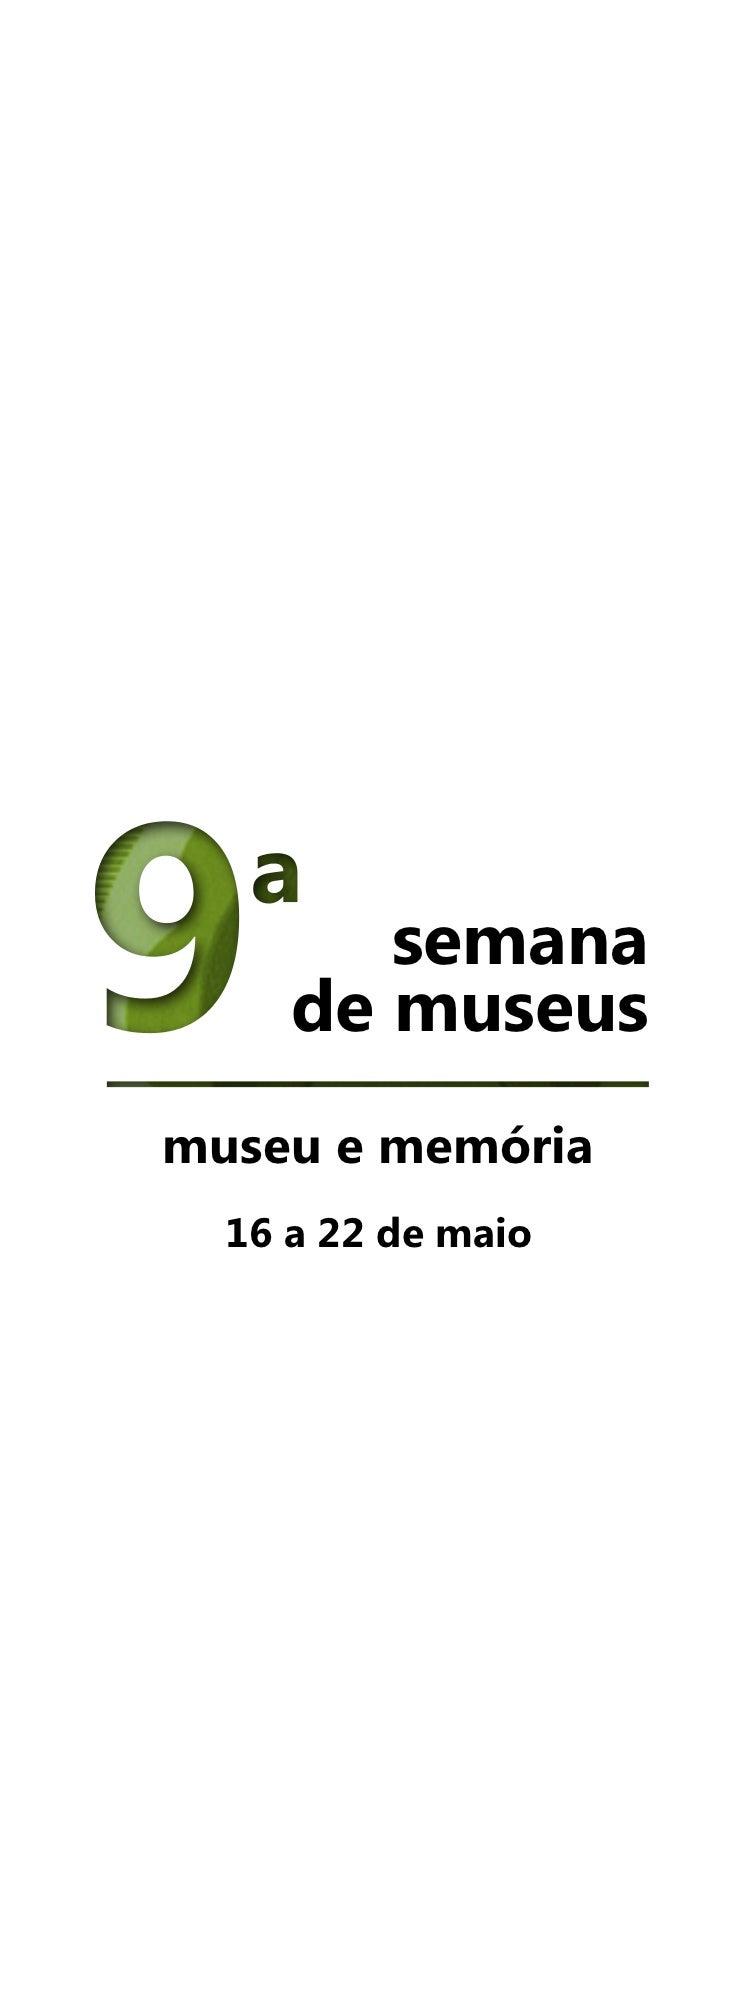 semana     de museusmuseu e memória  16 a 22 de maio